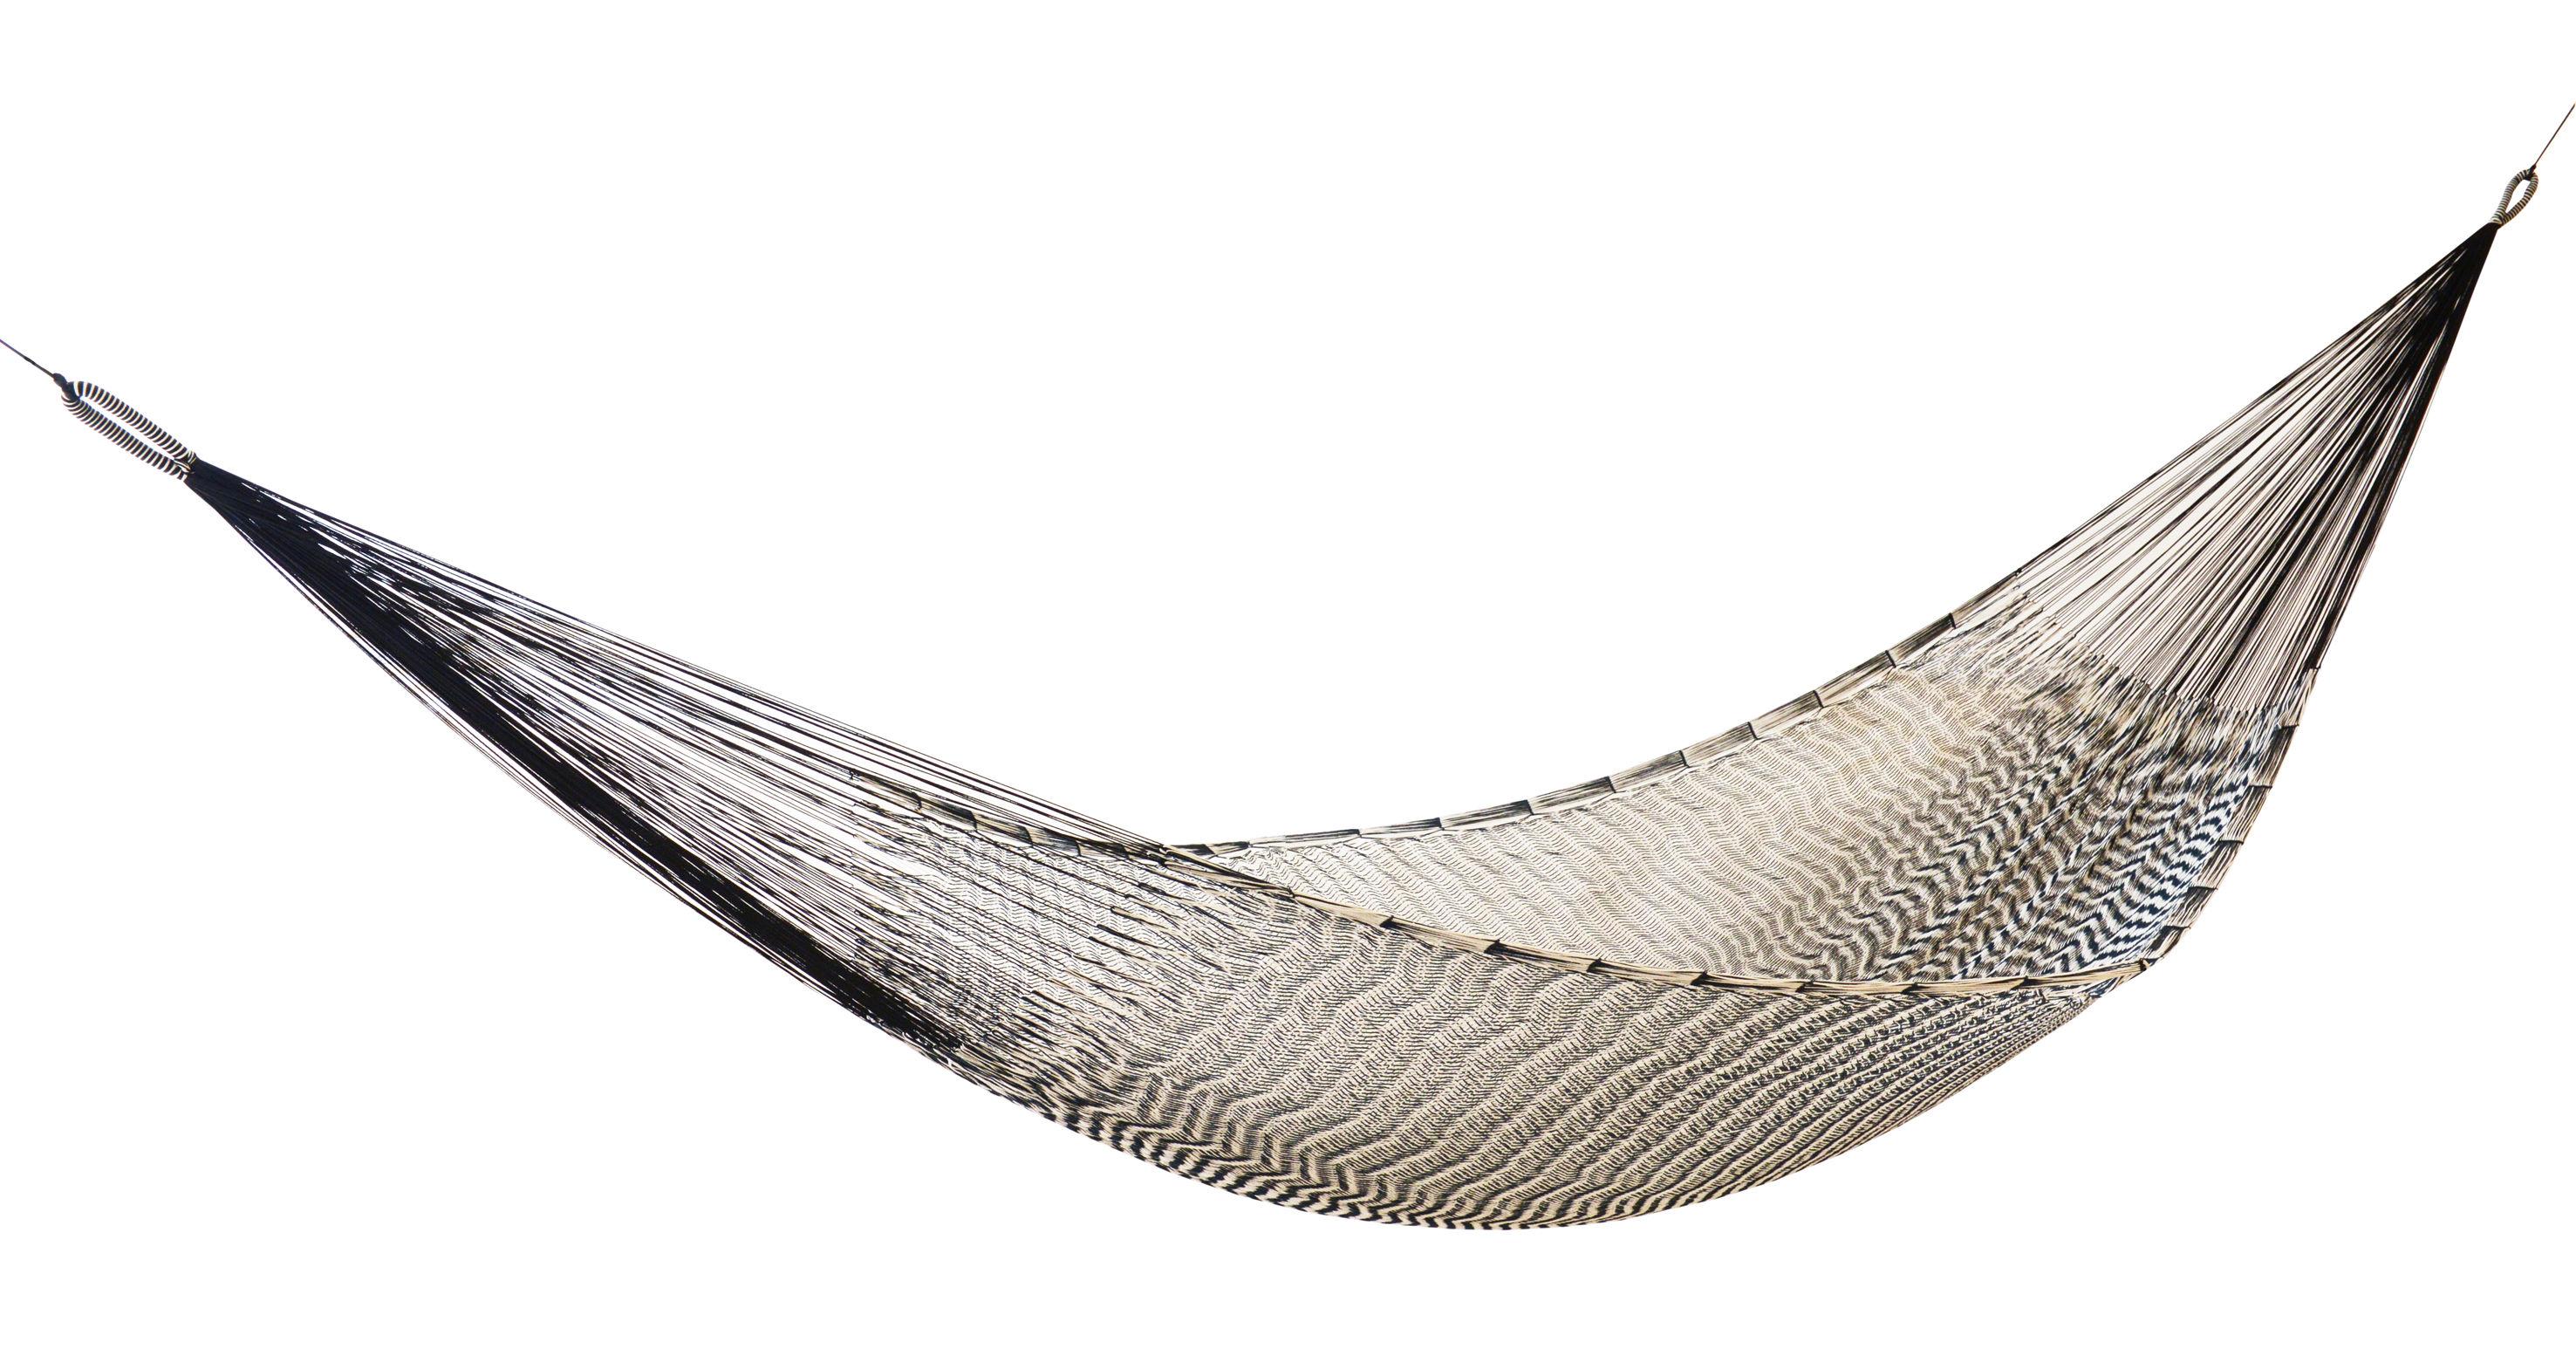 Outdoor - Sedie e Amache - Amaca Ama / Tessuta a mano in Messico - OK Design per Sentou Edition - Bianco & nero - Cotone, Nylon